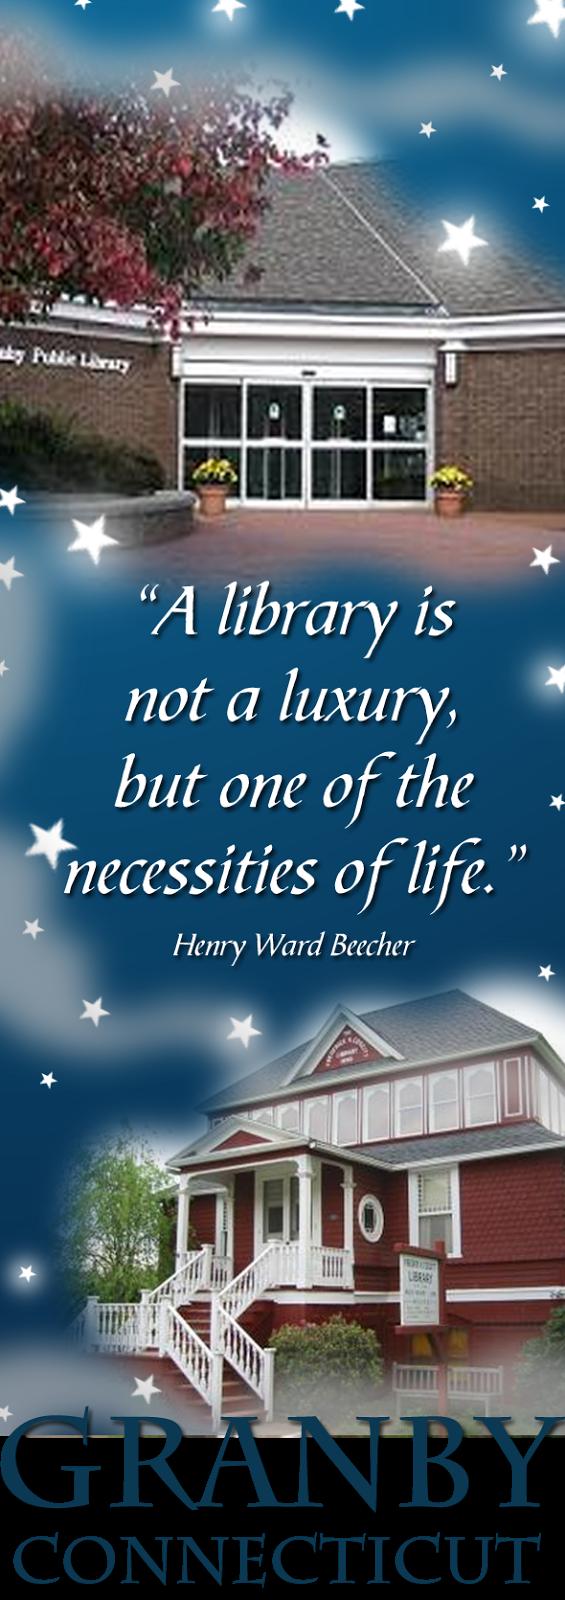 I ♥ Granby, CT Public Libraries!